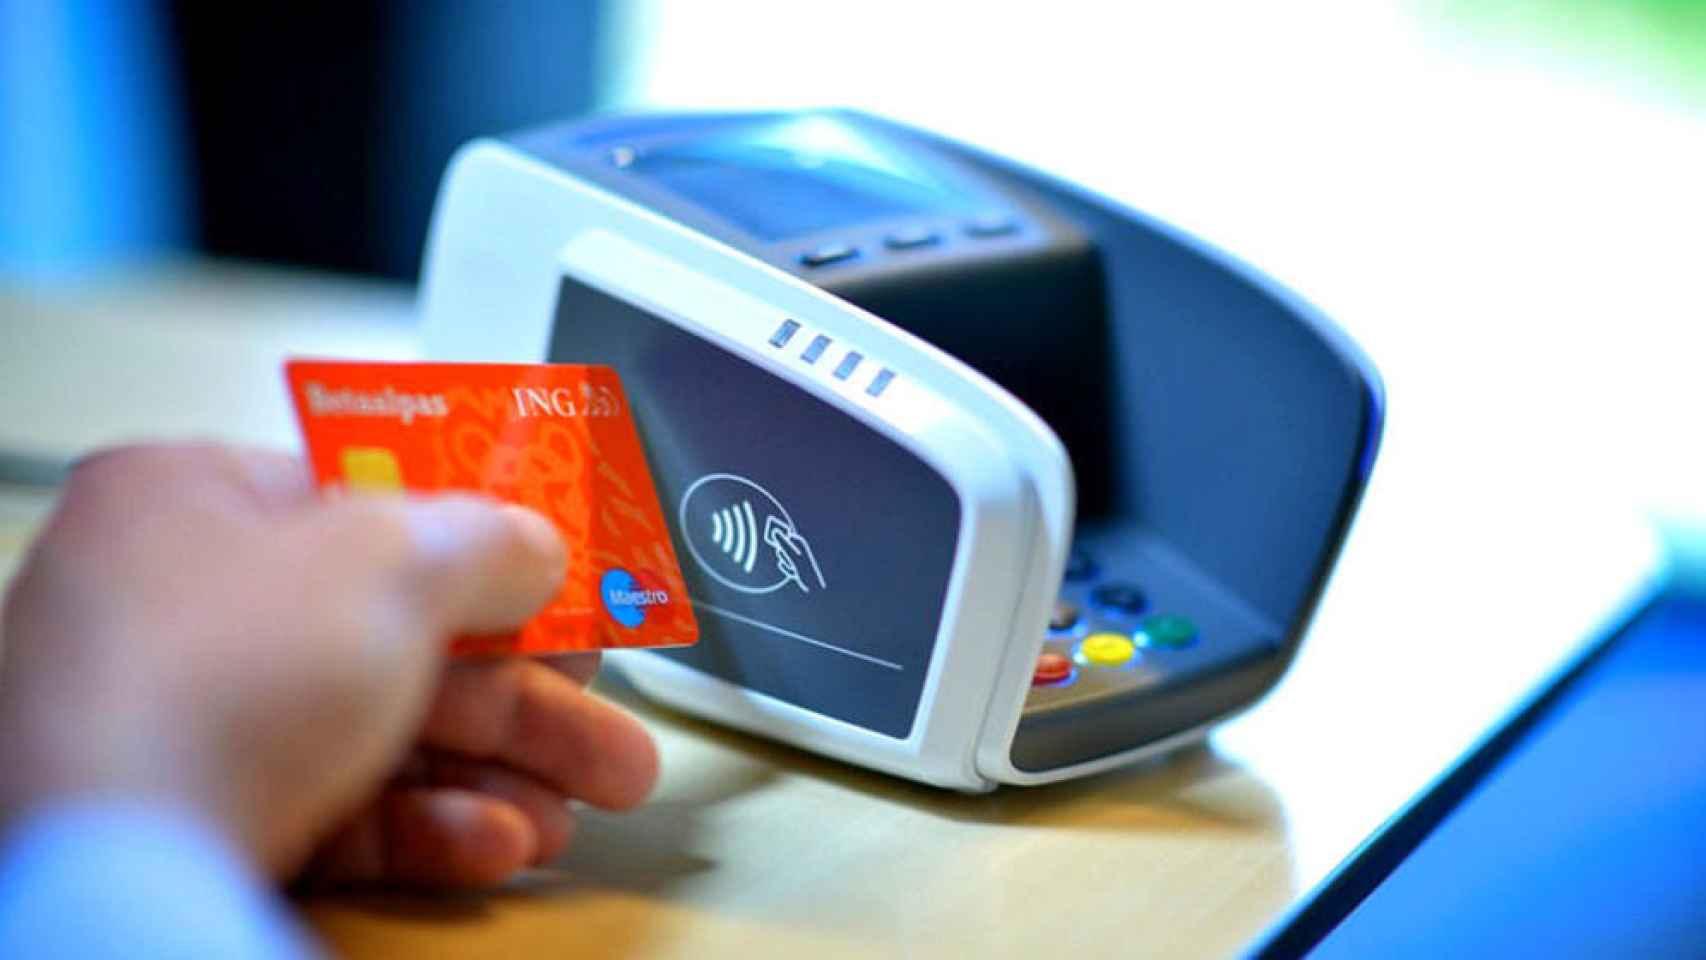 Tarjeta de crédito en una imagen de archivo.